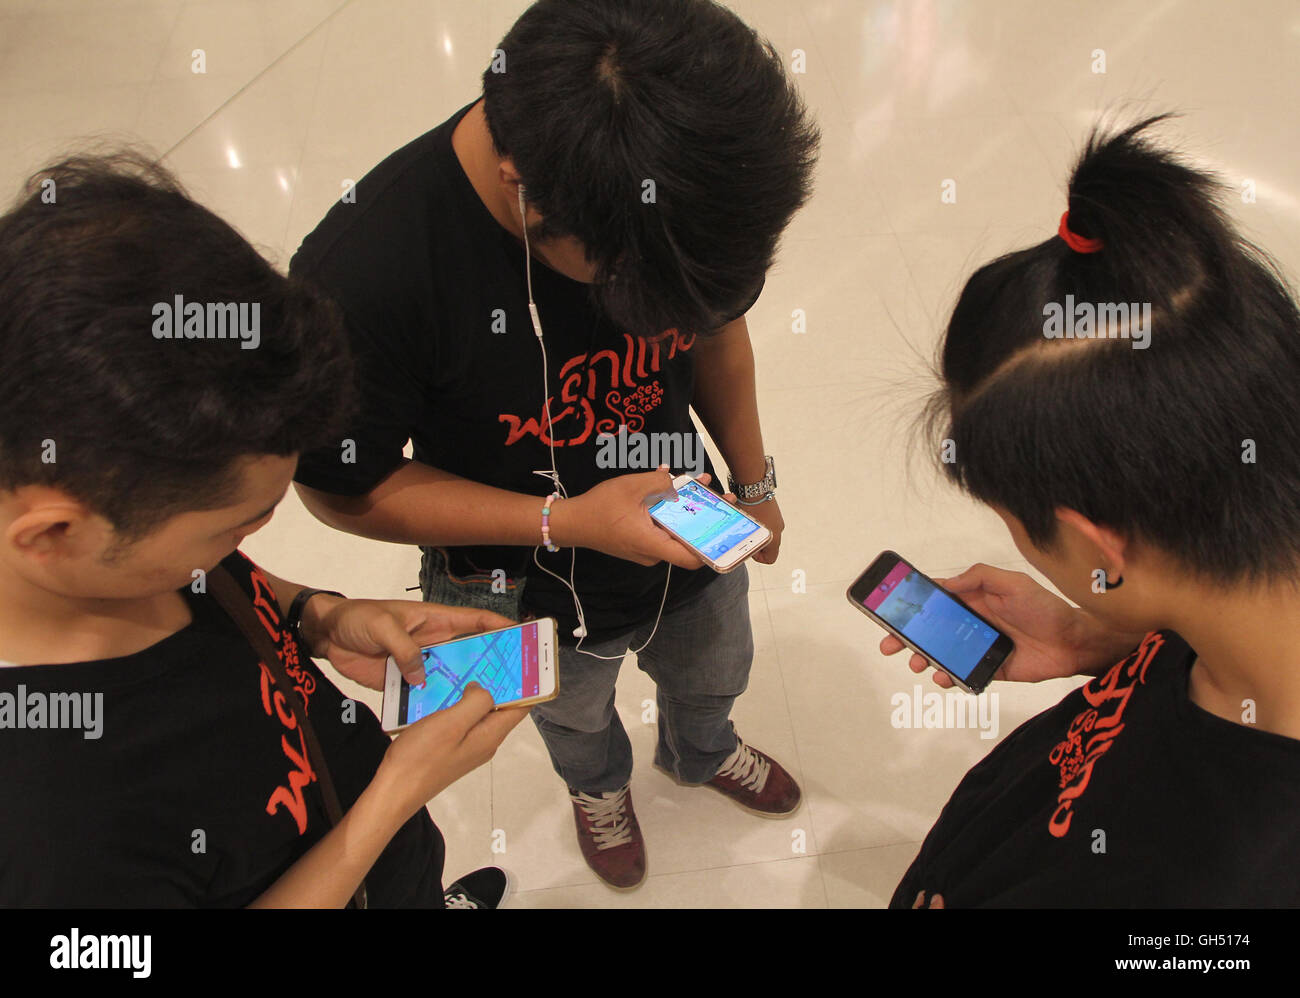 Los Adolescentes Tailandeses Jugar Pokemon Ir Al Centro Comercial